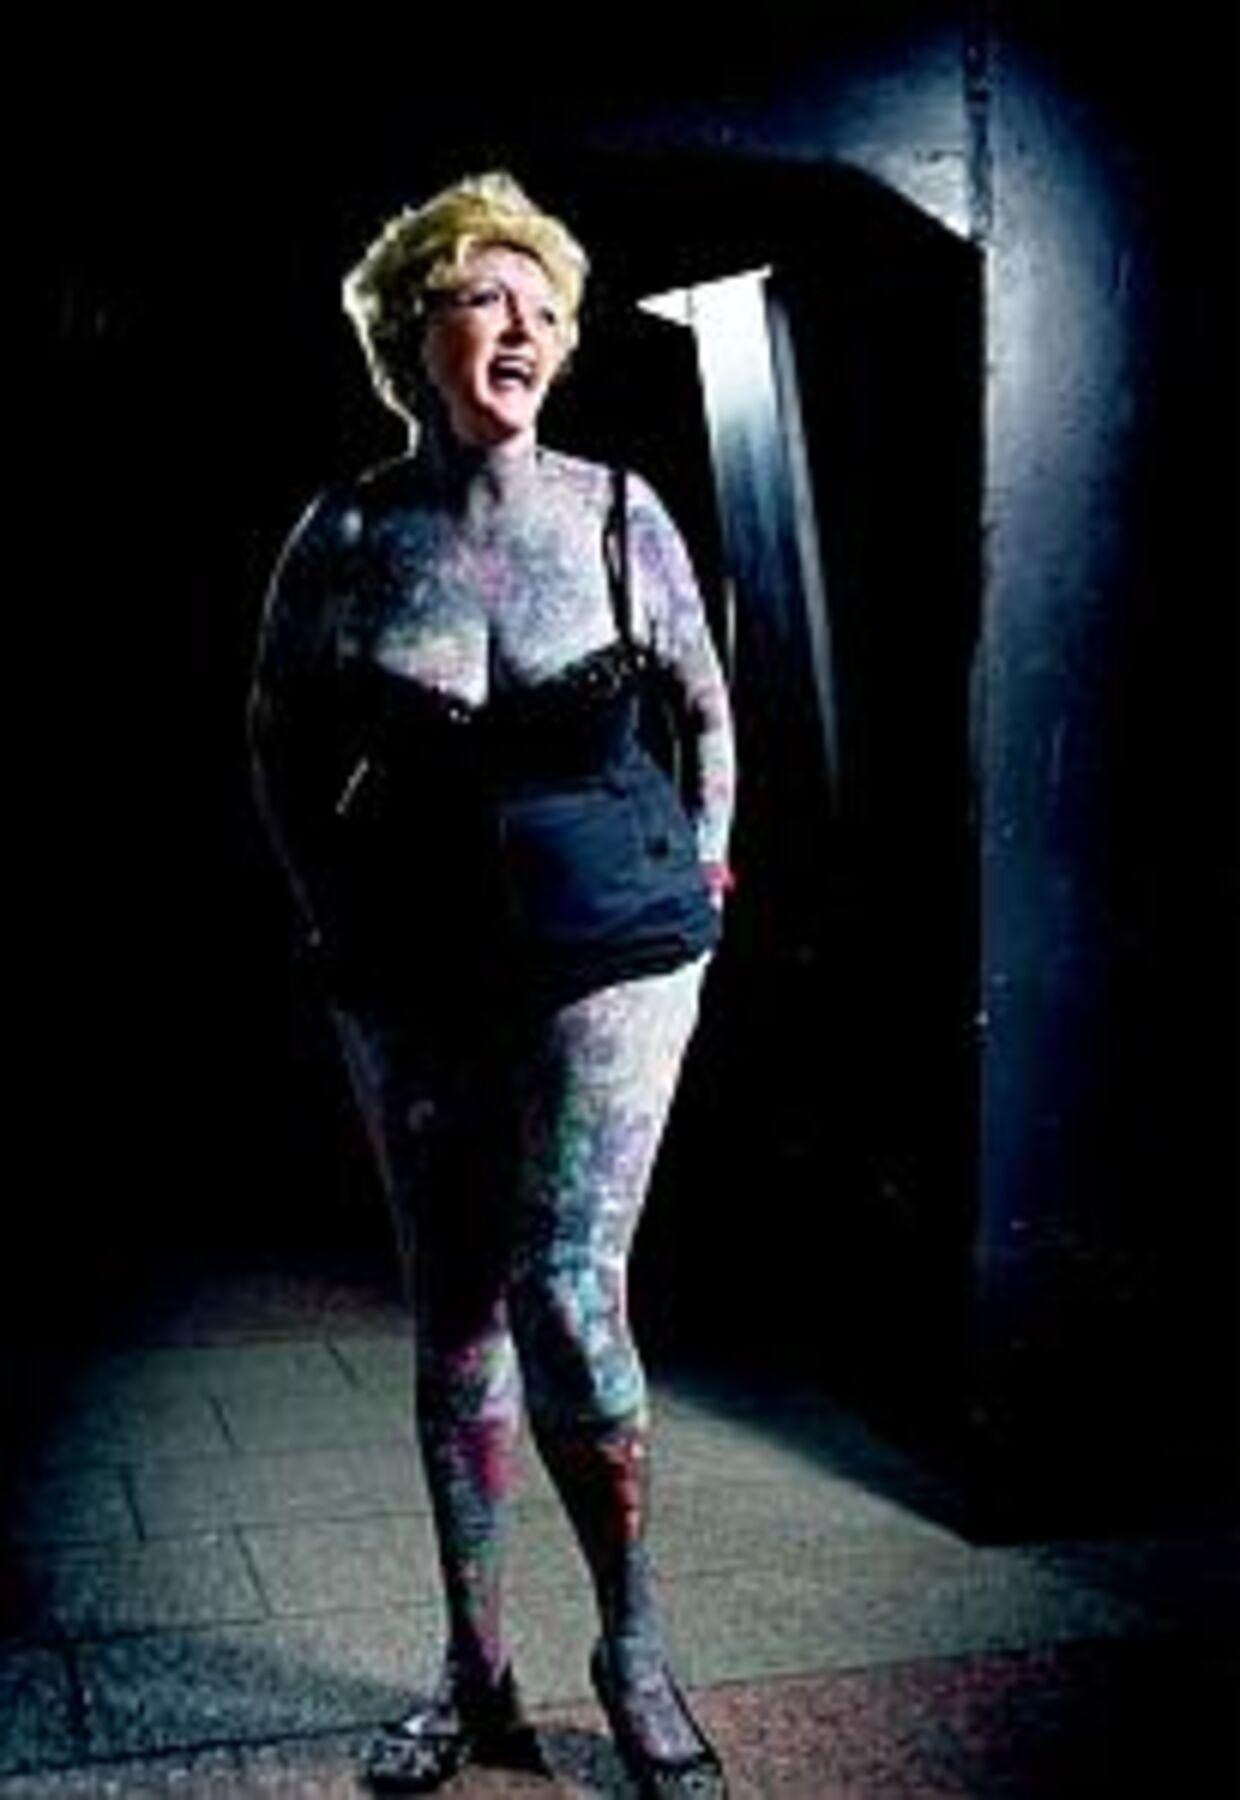 Isobel Varley fik sin første tatovering for 20 år siden, og nu ser hun sådan ud. På maven har hun to tigre, men dem går vi glip af, da hun synes, at hun er lidt for rund.